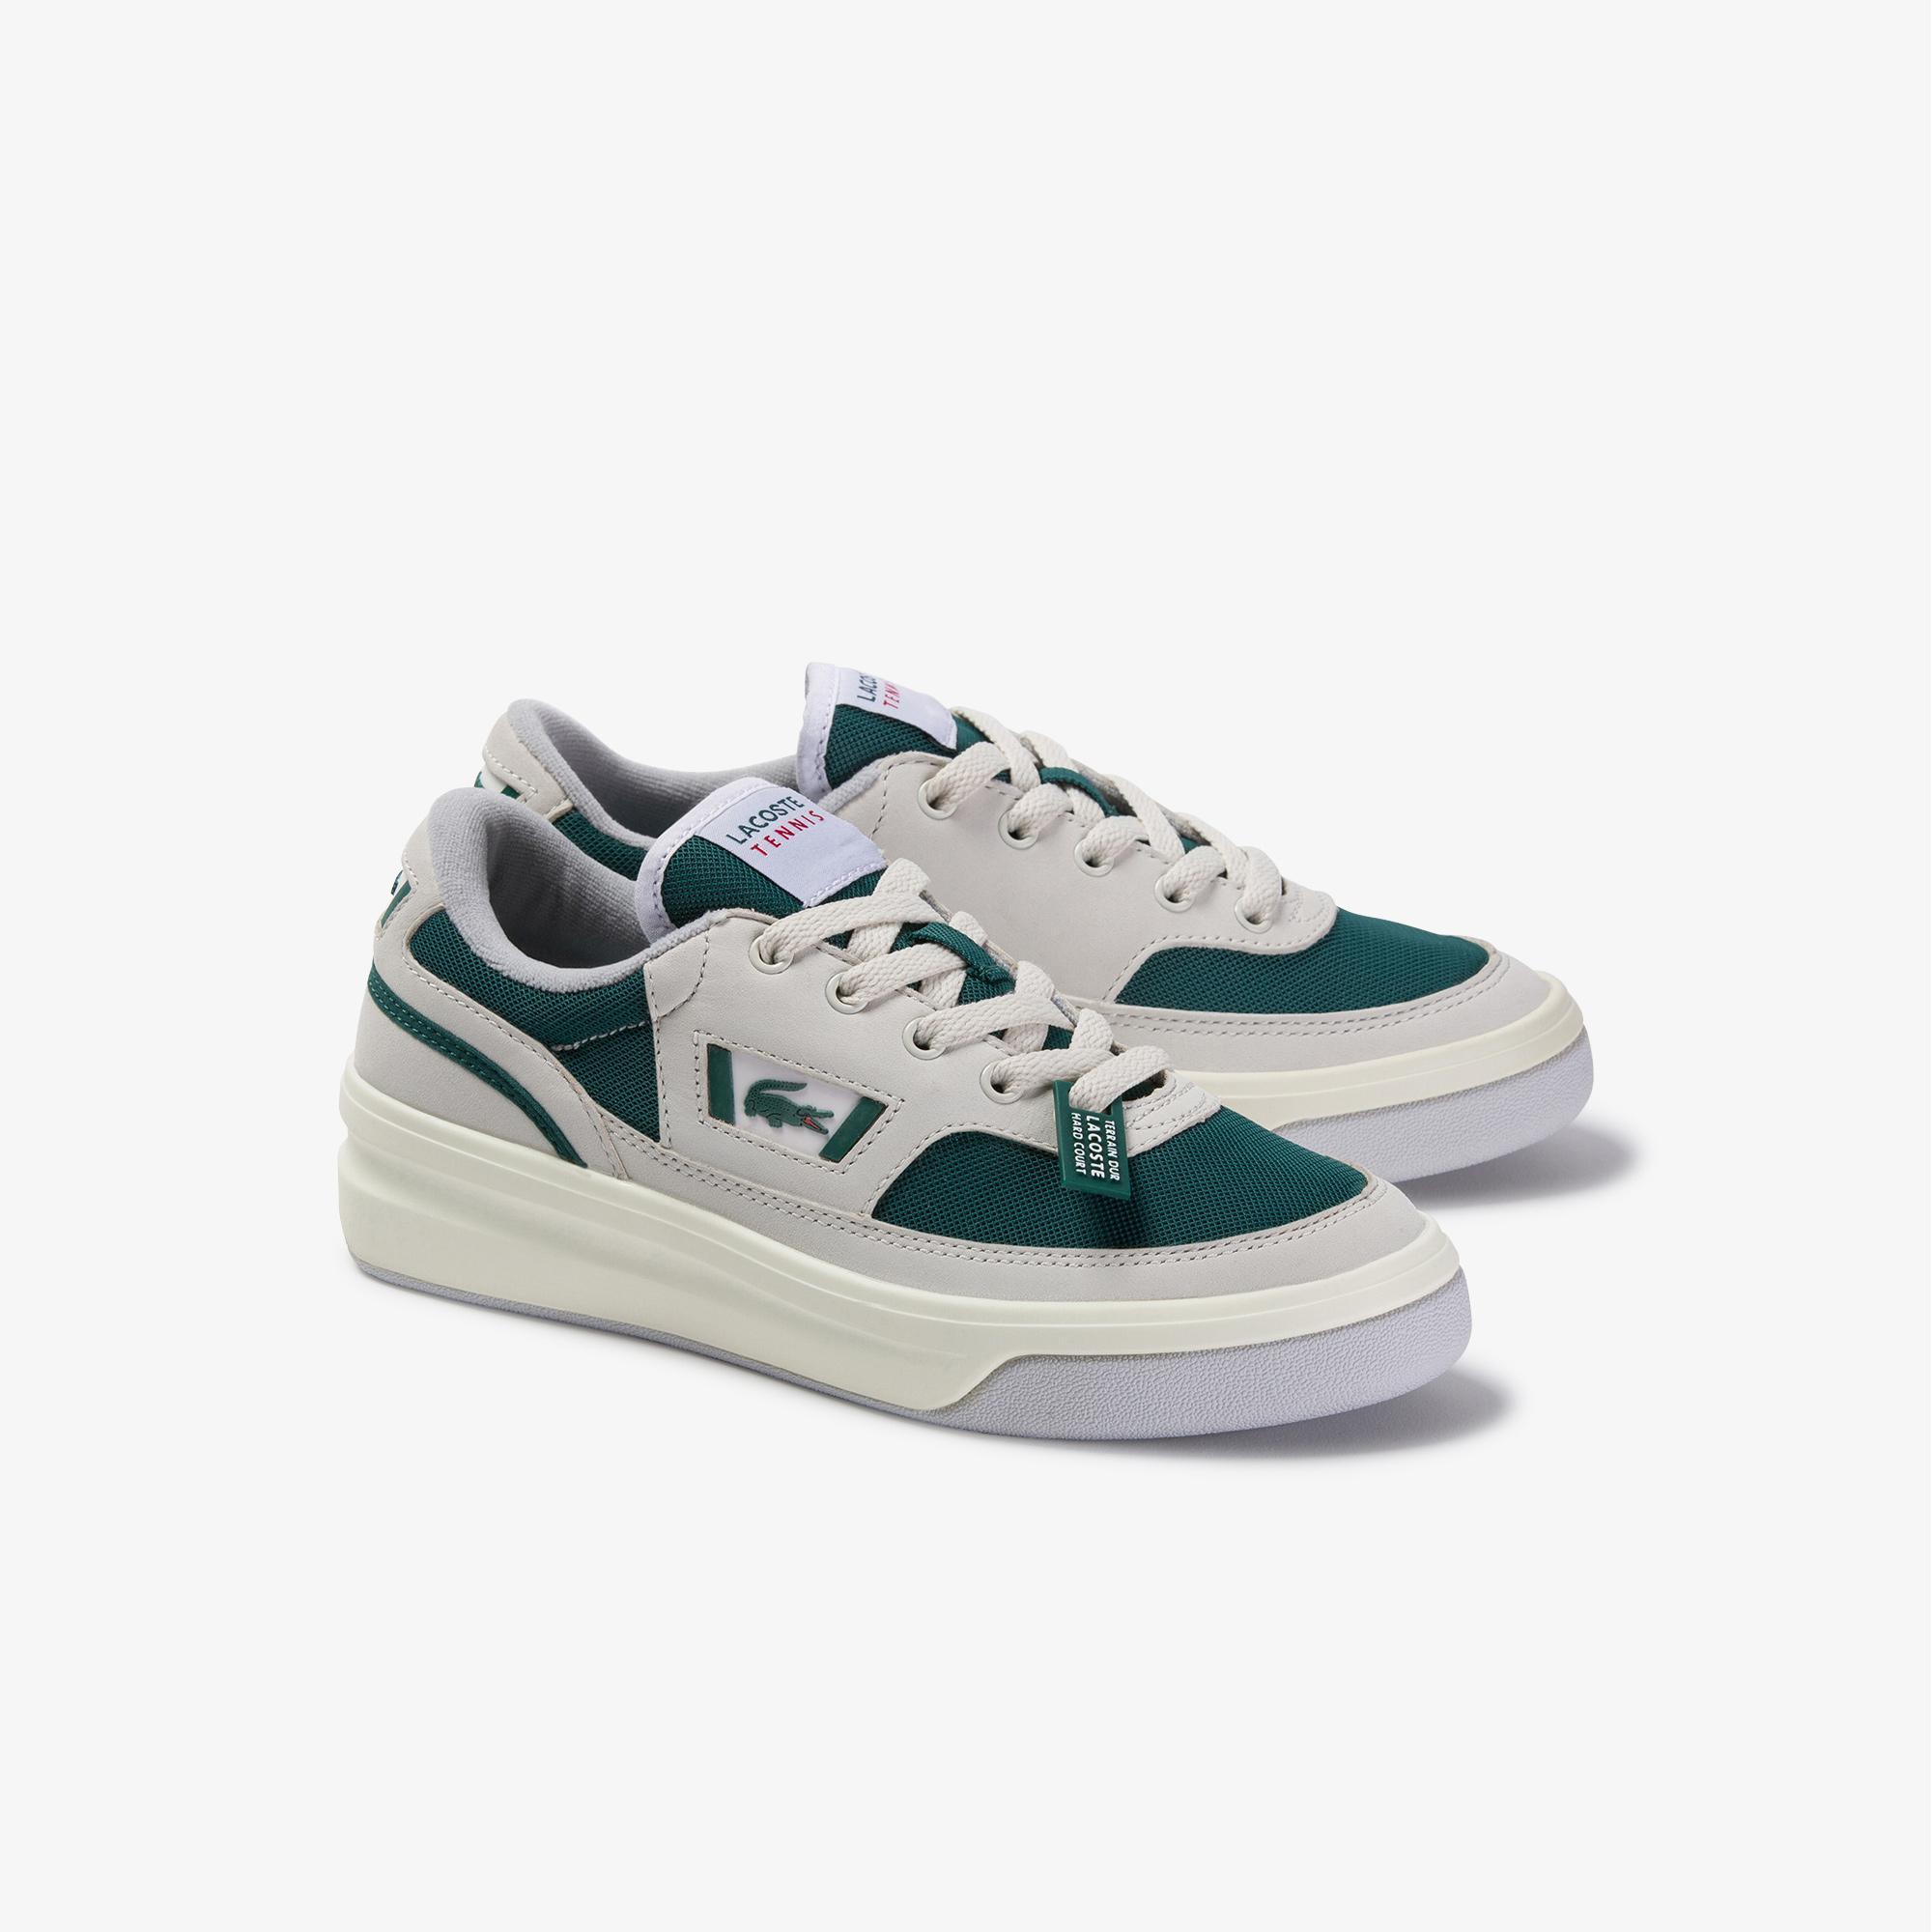 Lacoste G80 Og 120 1 Sfa Kadın Beyaz - Koyu Yeşil Deri Sneaker